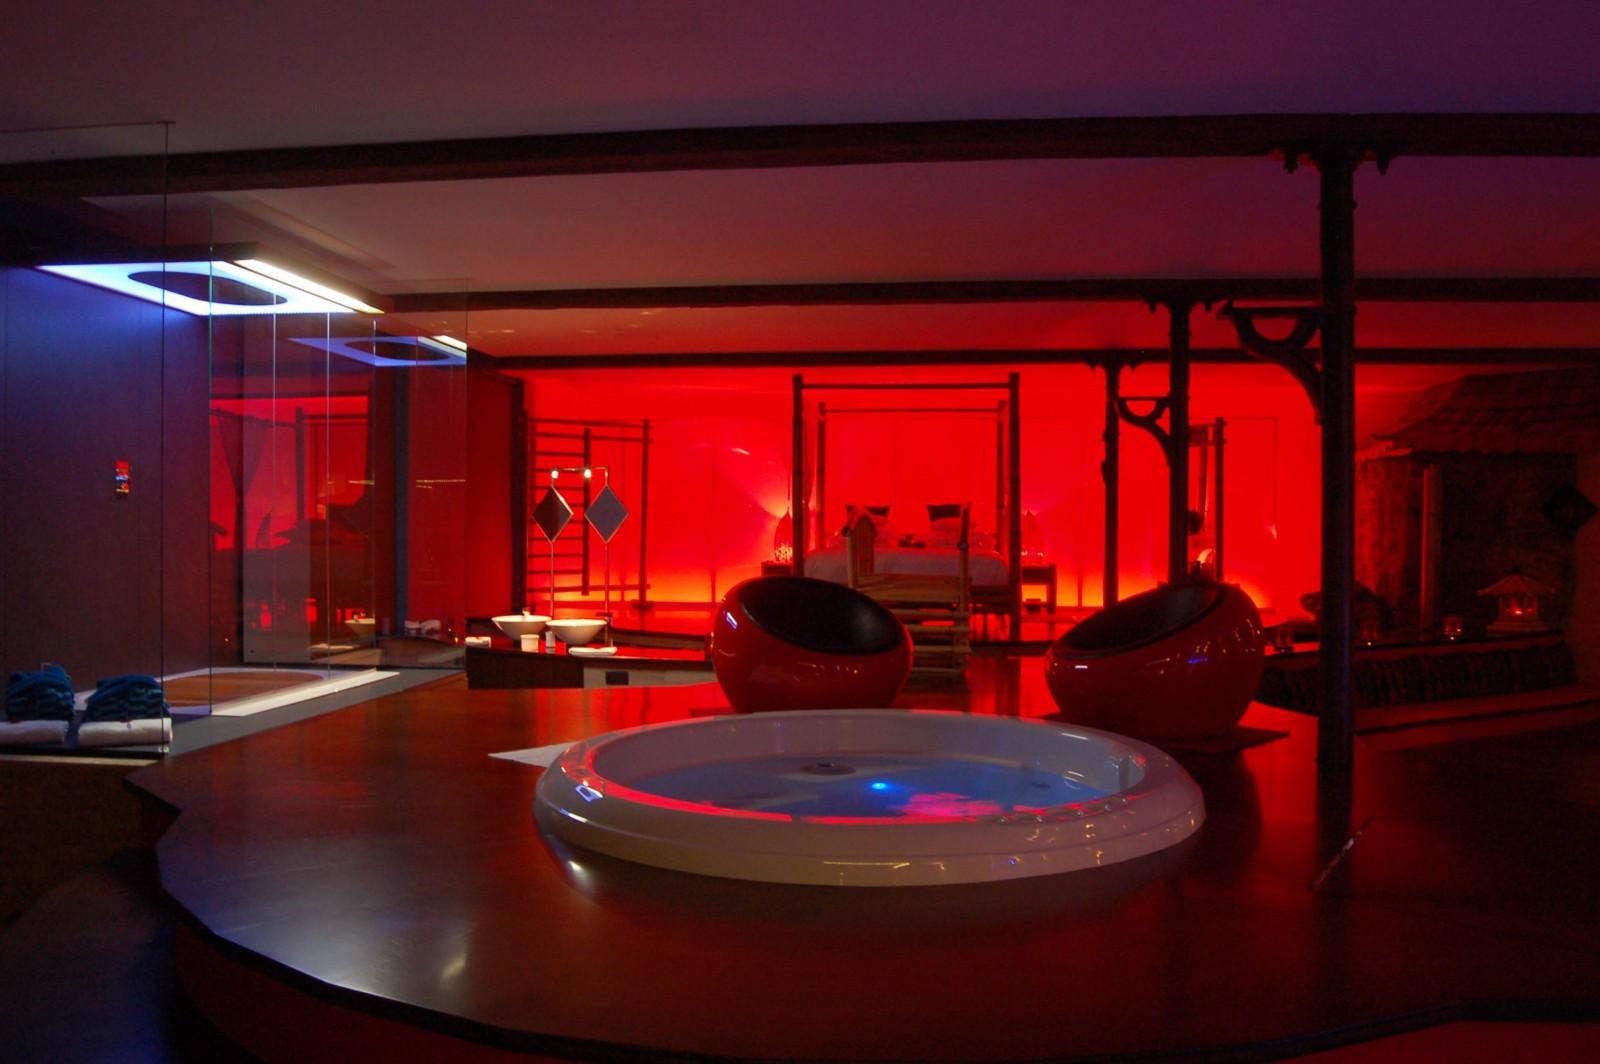 Chambre luxe avec jacuzzi for Hotel avec jacuzzi dans la chambre la rochelle